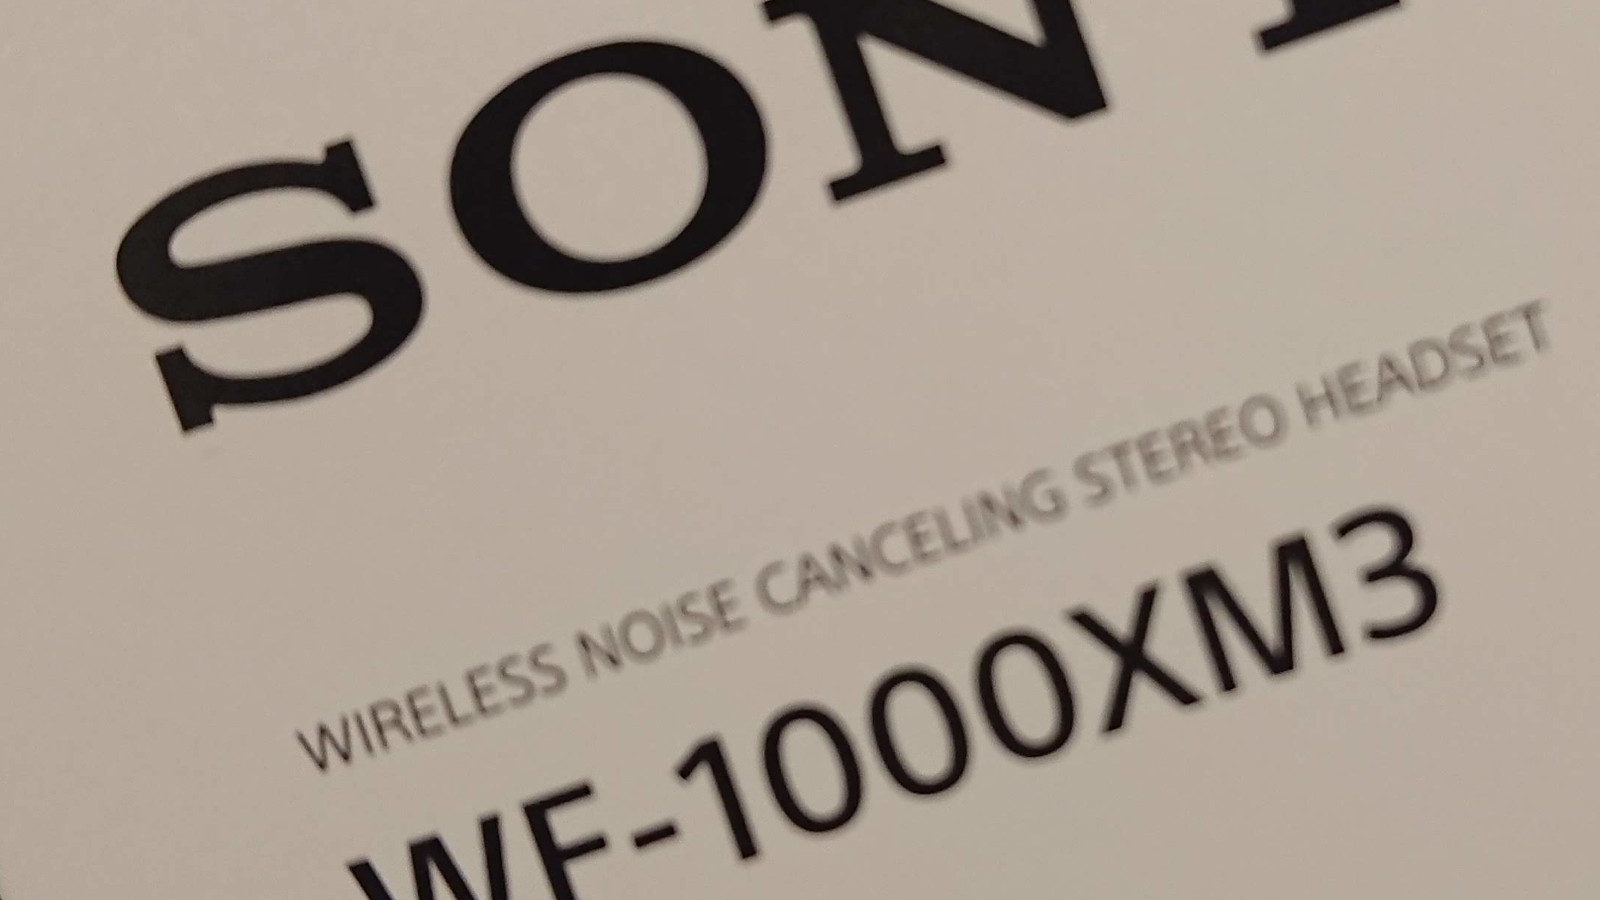 イヤホンは進化した!ワイヤレスイヤホン「SONY WF-1000XM3」でノイキャンサウンドを楽しむ